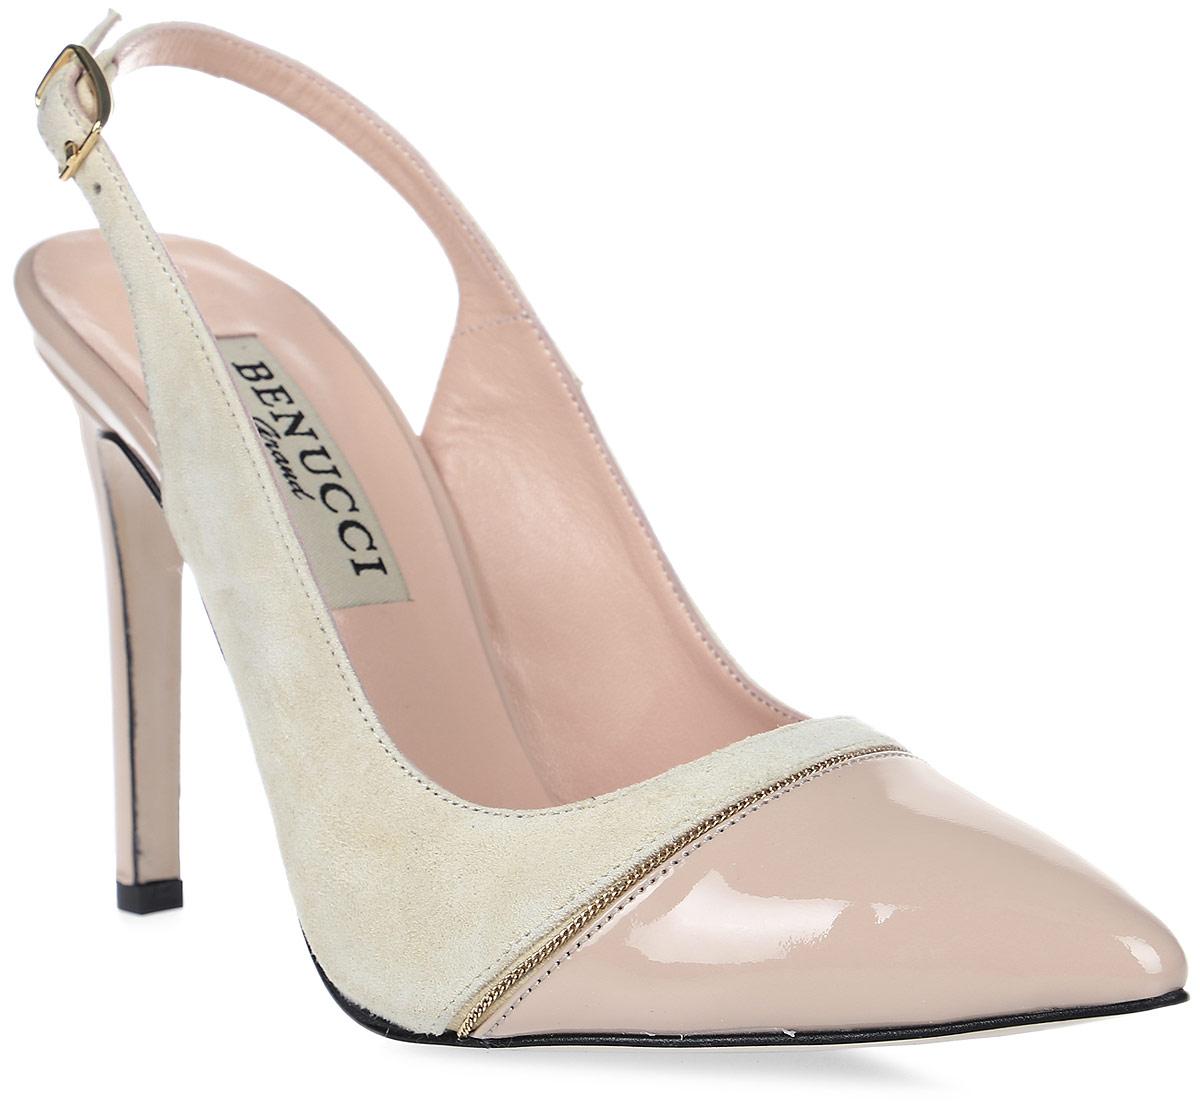 Туфли женские Benucci, цвет: бежевый. 7810. Размер 397810Женские туфли от Benucci выполнены из натуральной кожи. Модель фиксируется на ноге при помощи ремешка на пряжке. Подкладка, изготовленная из натуральной кожи, обладает хорошей влаговпитываемостью и естественной воздухопроницаемостью. Стелька из натуральной кожи гарантирует комфорт и удобство стопам. Подошва из резины обеспечивает хорошую амортизацию и сцепление с любой поверхностью.